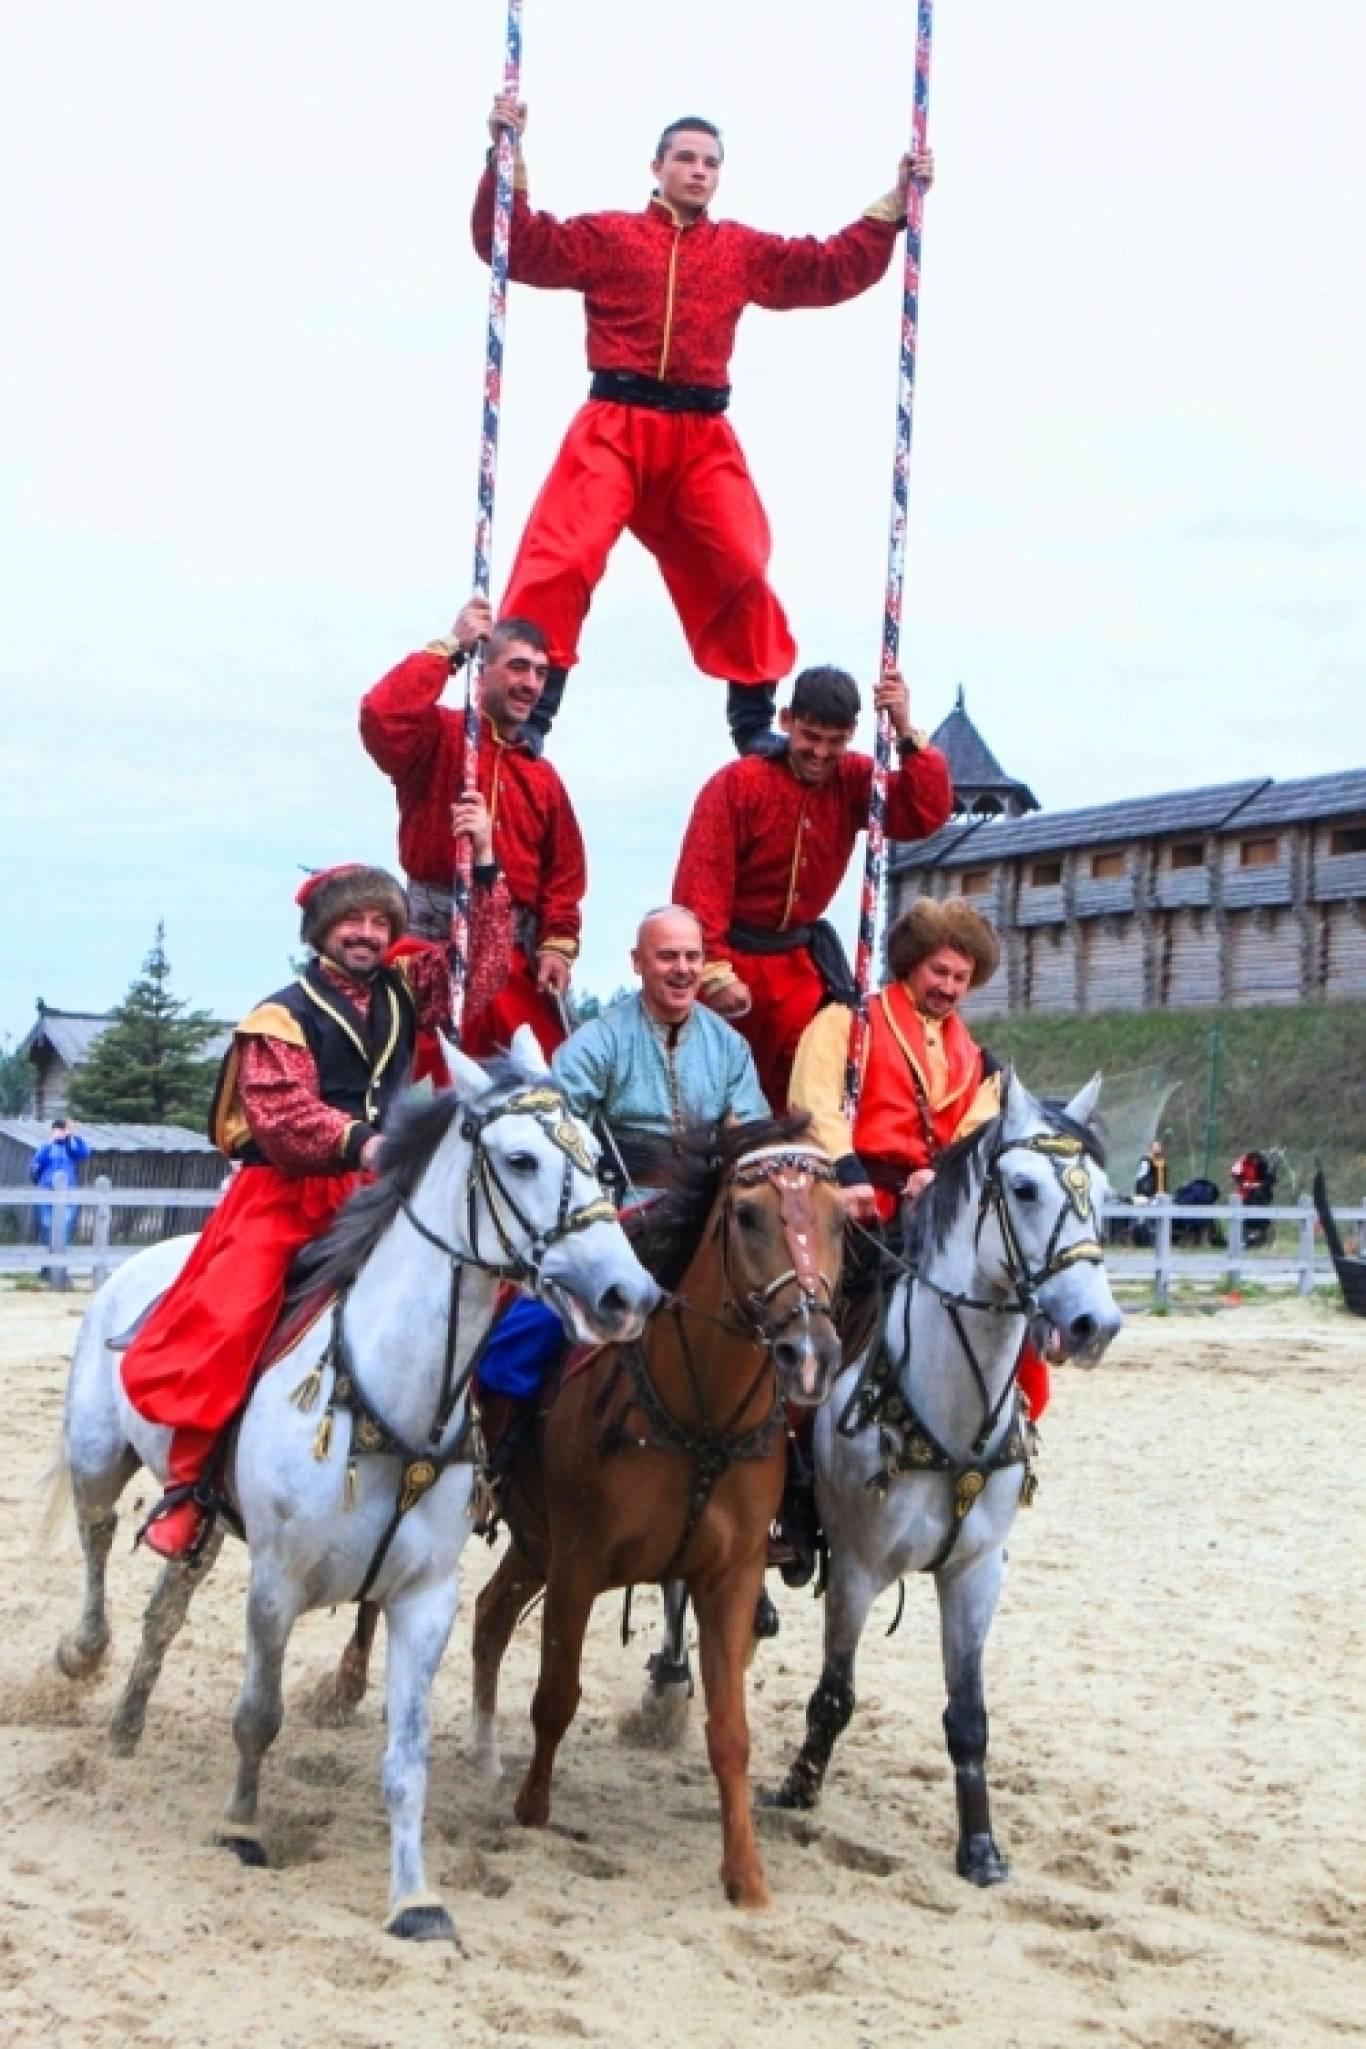 Фестиваль кінно-трюкового мистецтва «Кентаври»